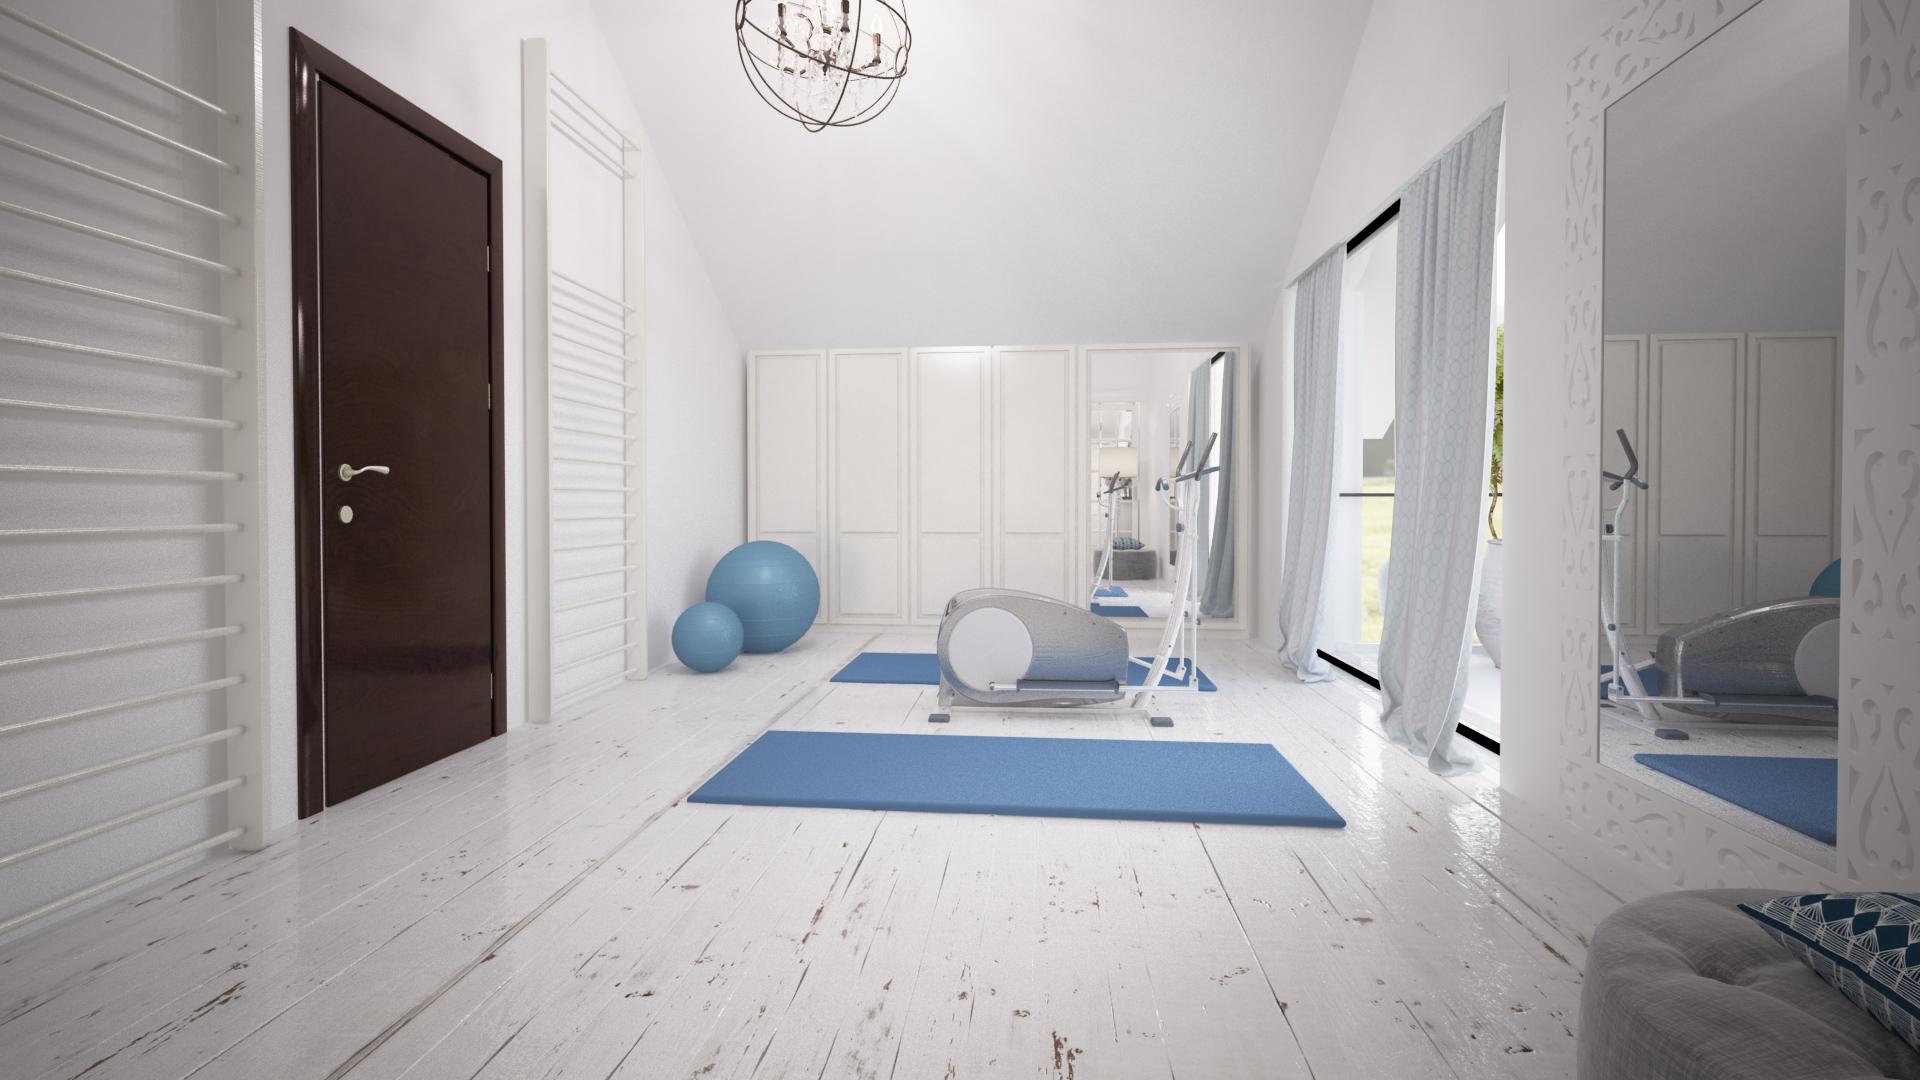 amenajare_interioara_fitness2